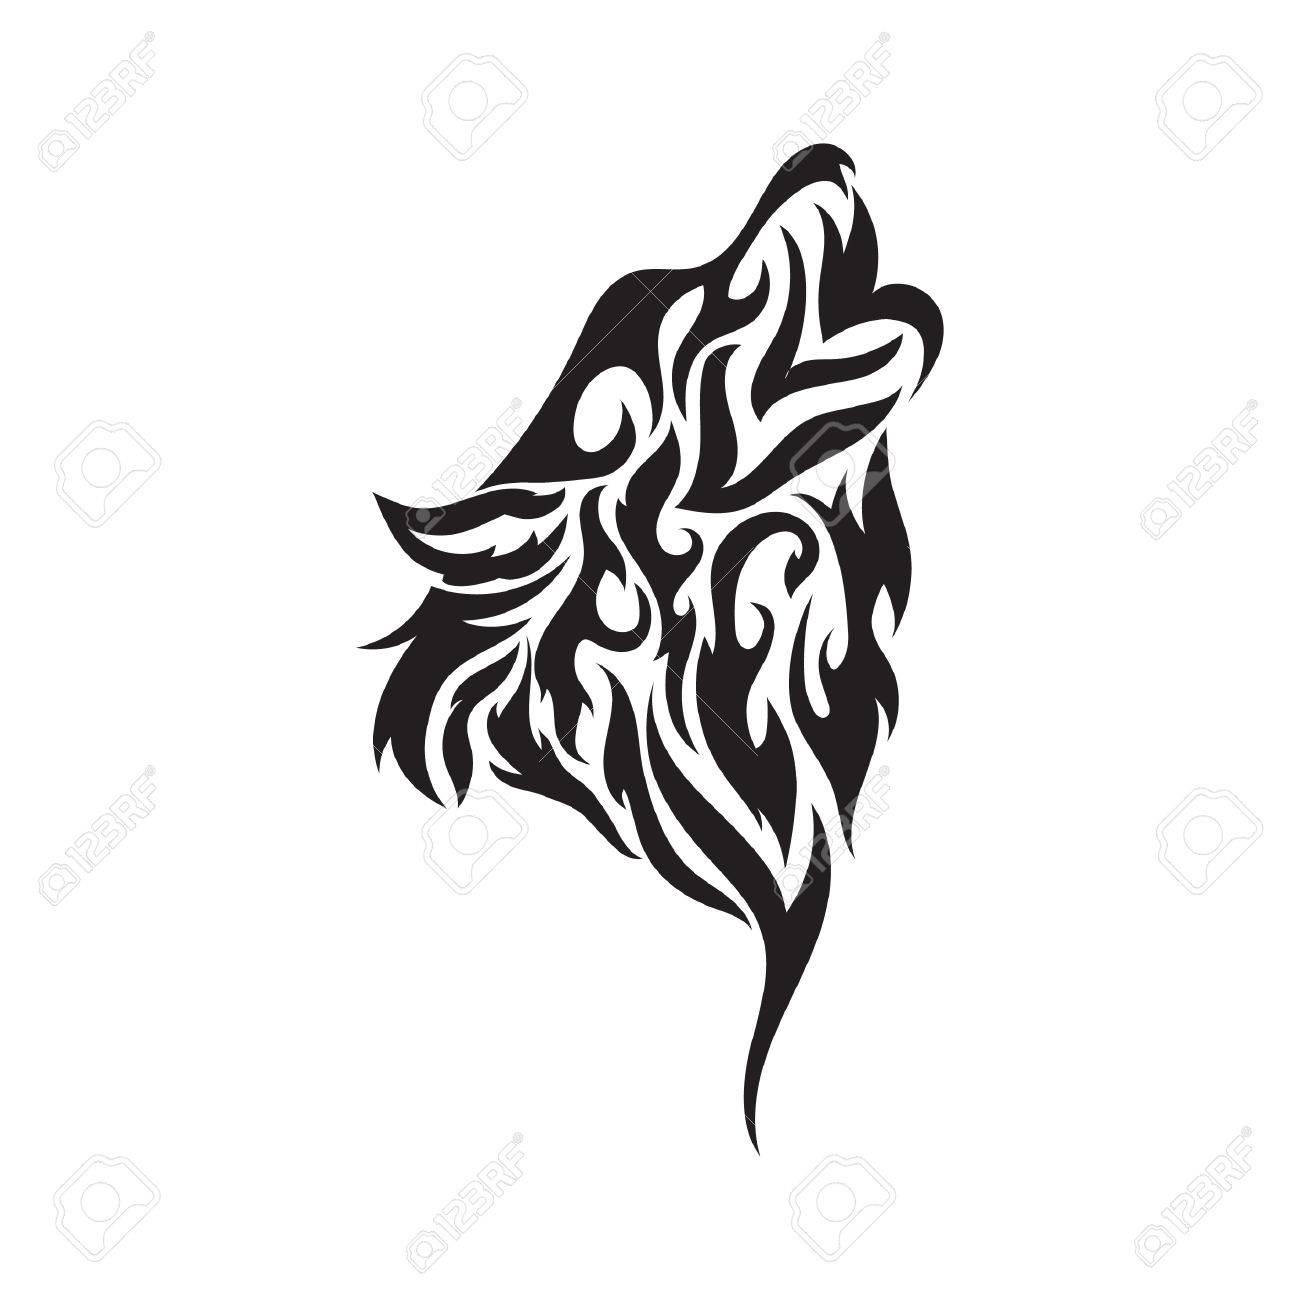 wolf tribal tattoo - 53219262